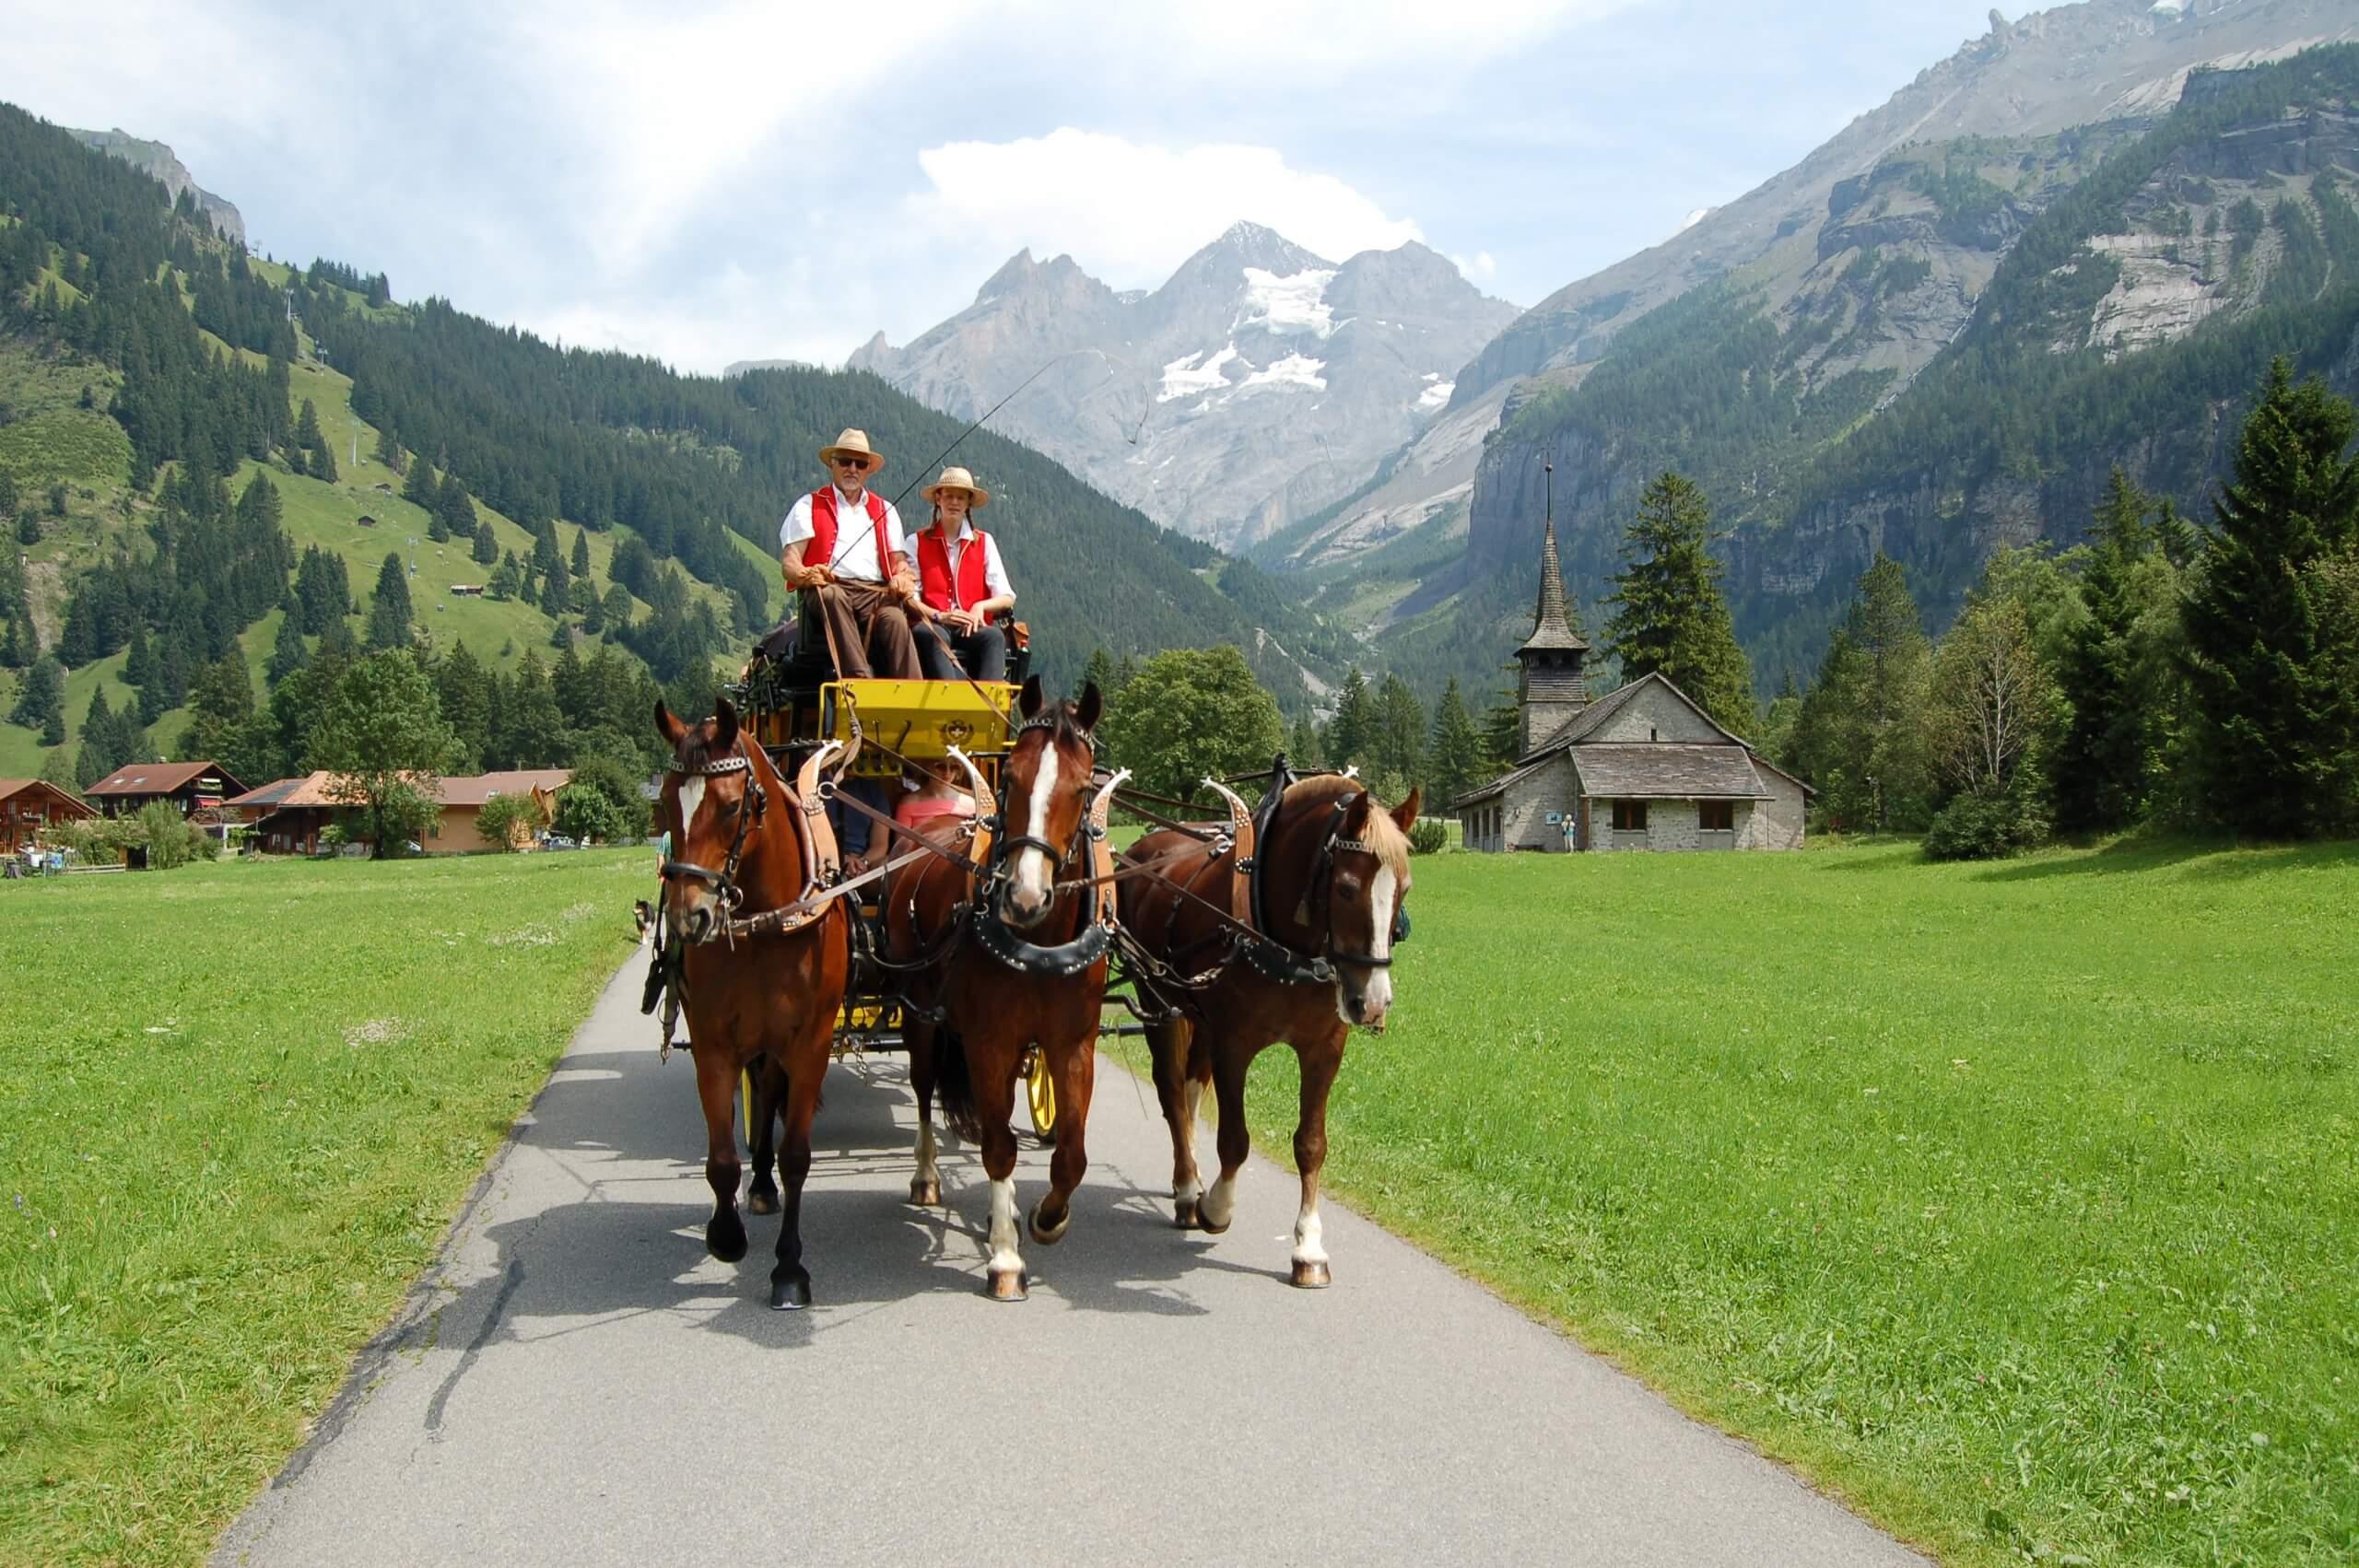 aeschi-kutschenfahrt-dorfrundgang-sommer-pferde